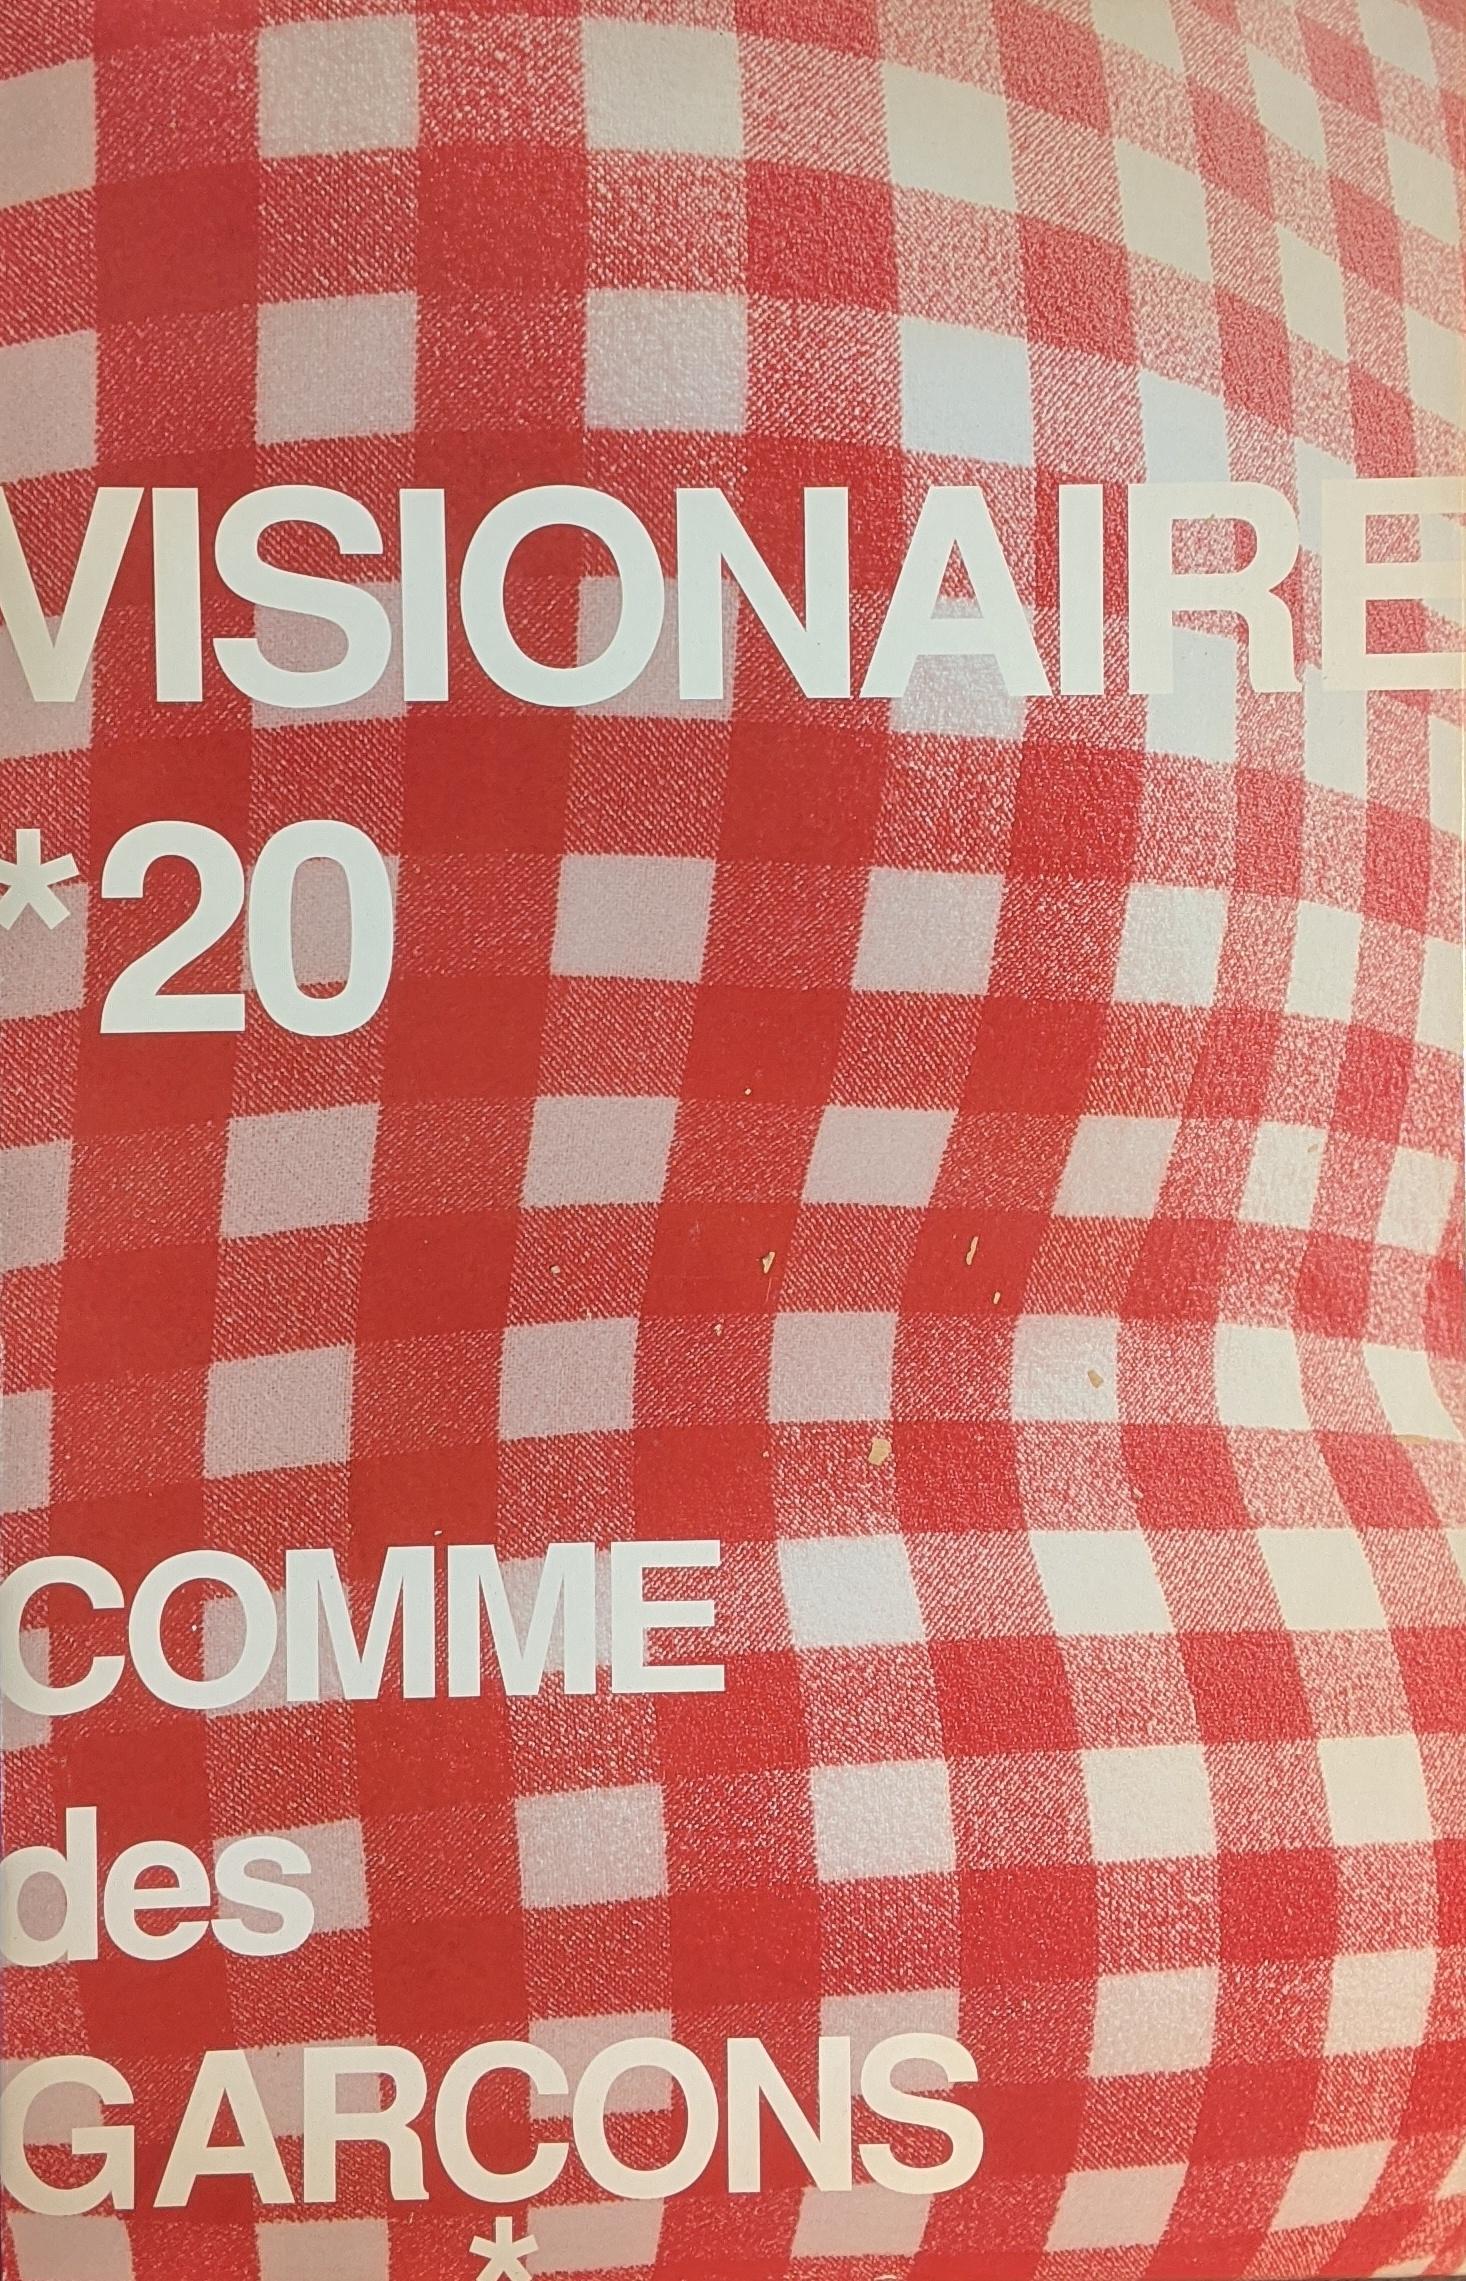 Visionaire 20 magazine, Comme des Garcon.jpg